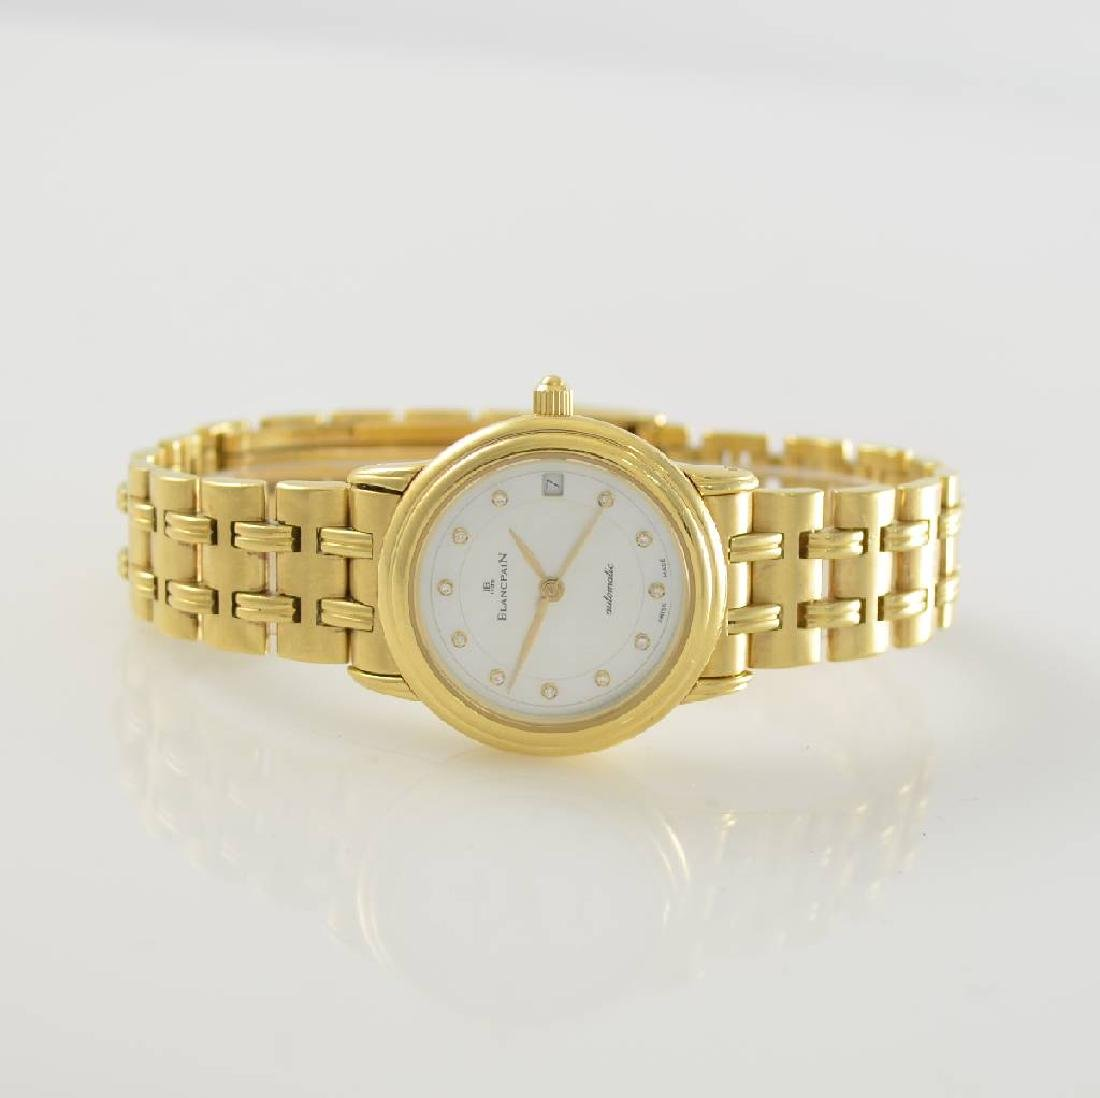 BLANCPAIN 18k yellow gold ladies wristwatch Villeret